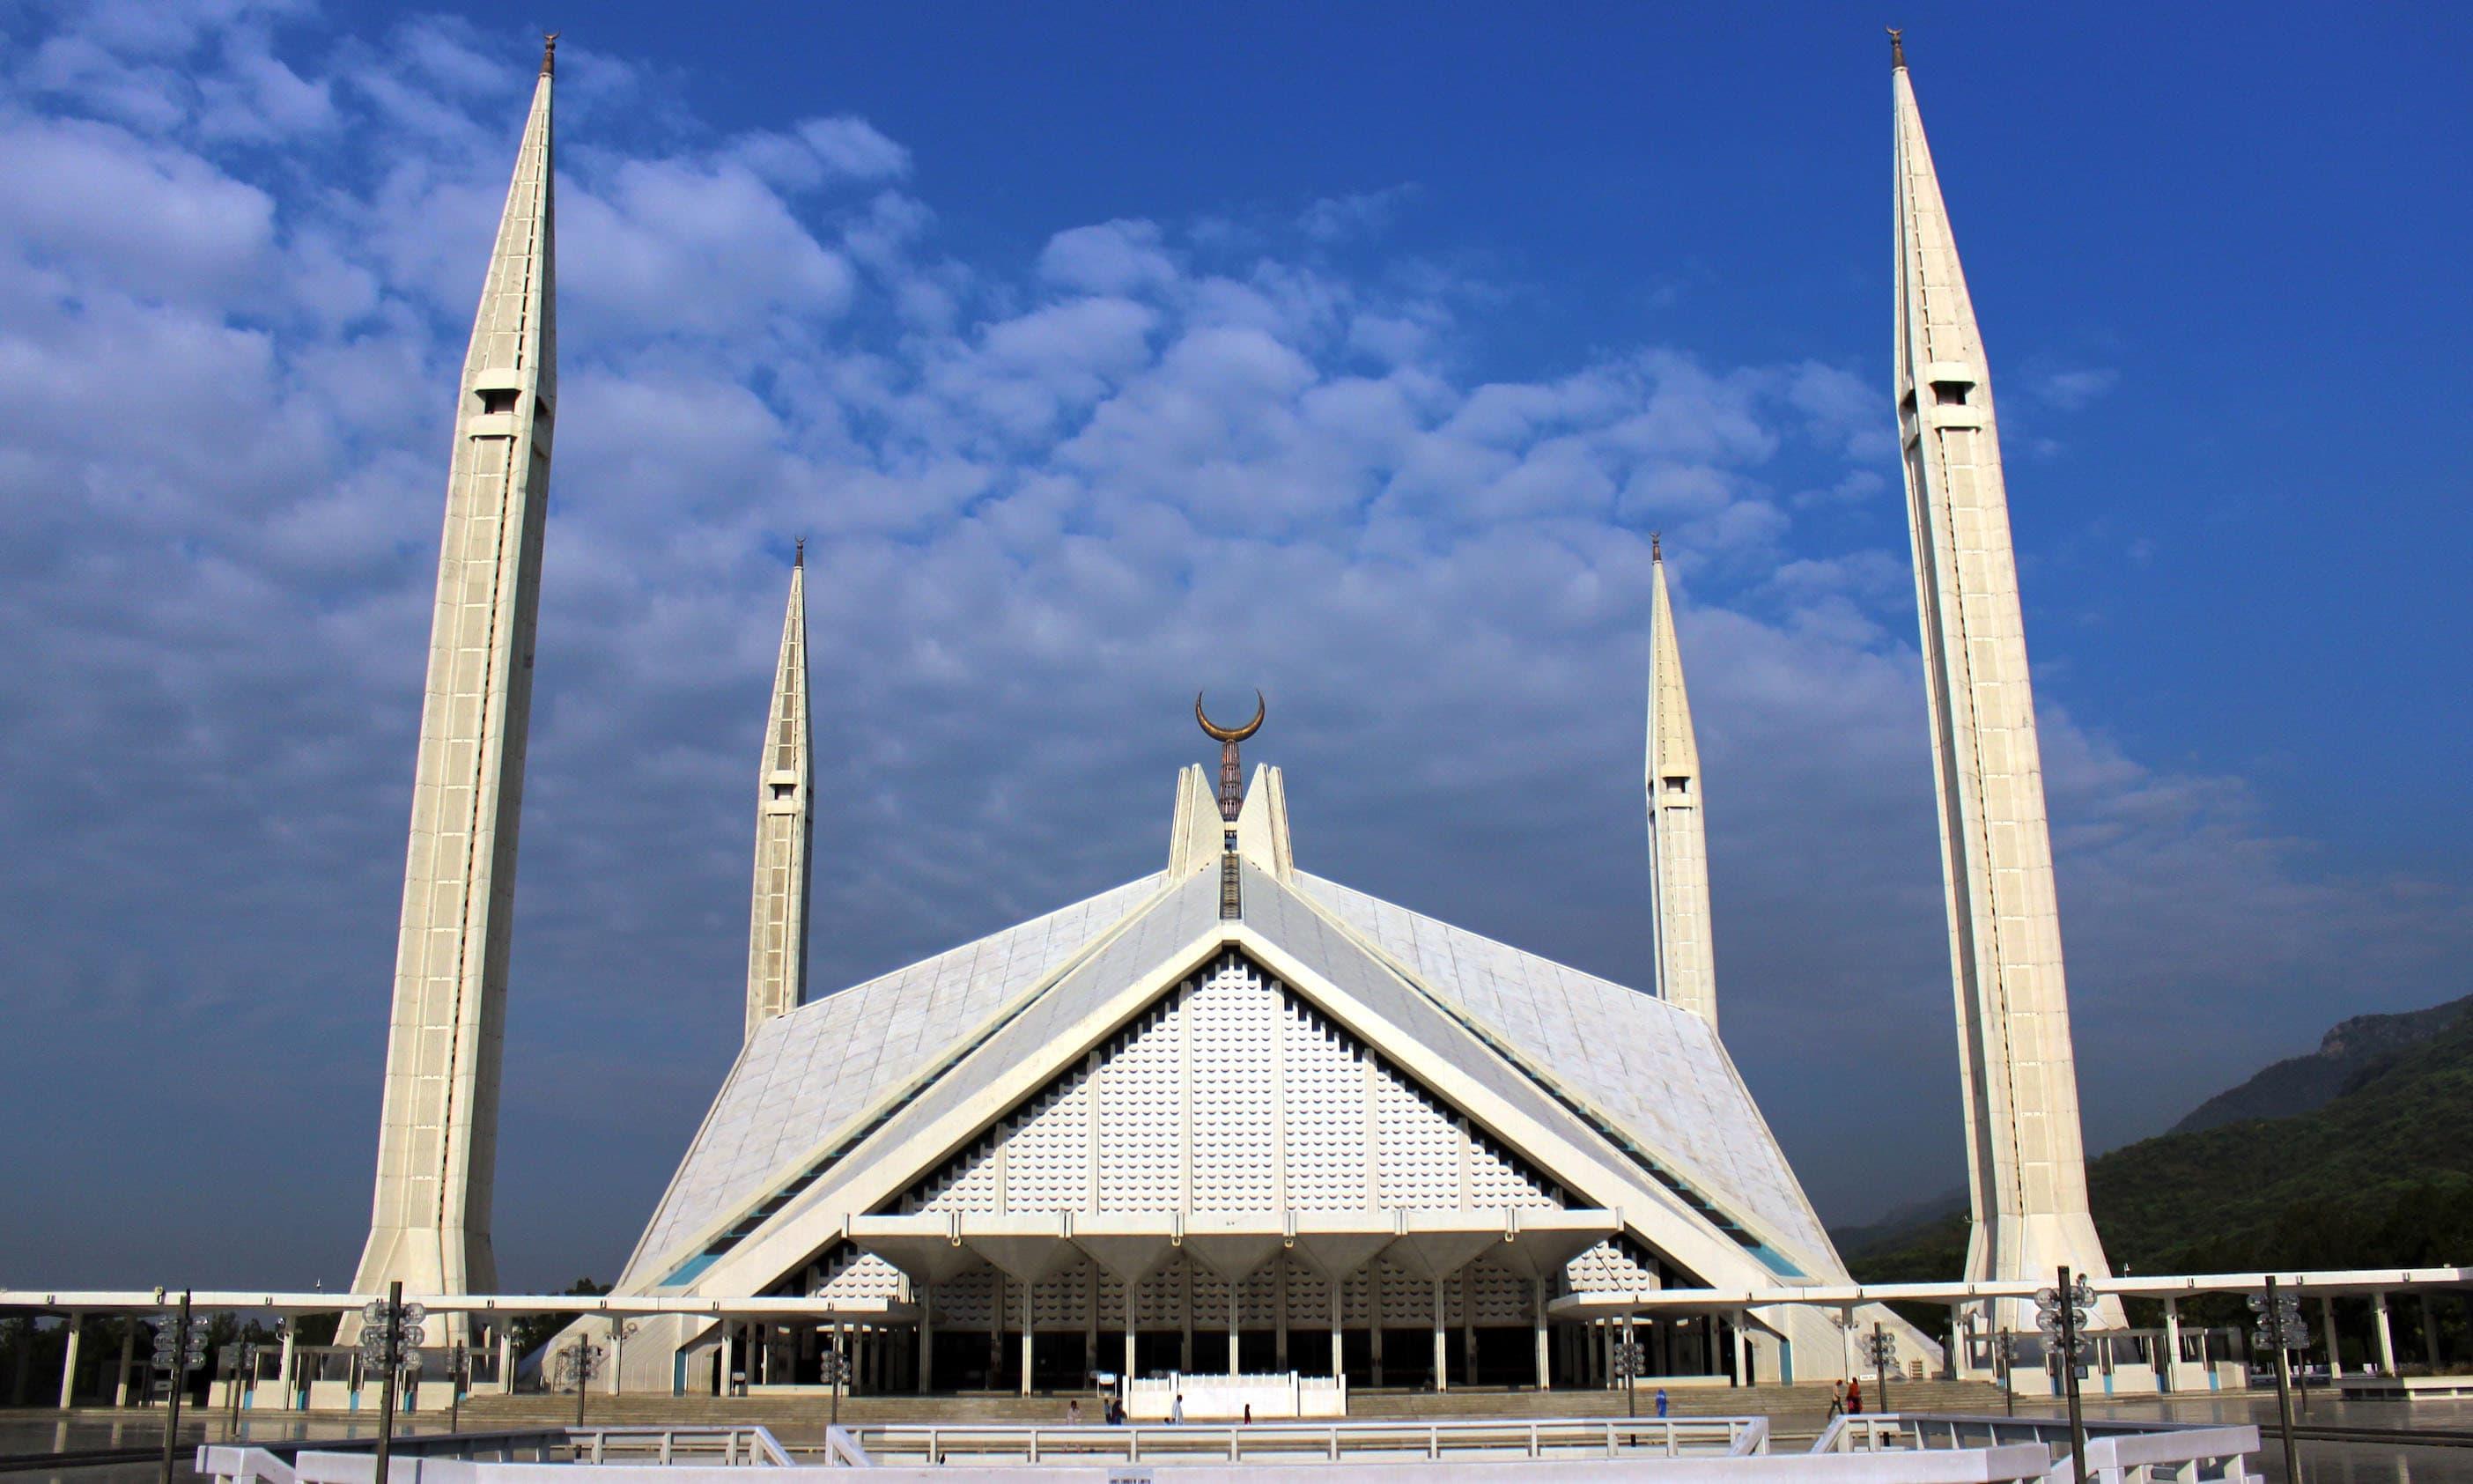 Faisal Mosque — Azhar